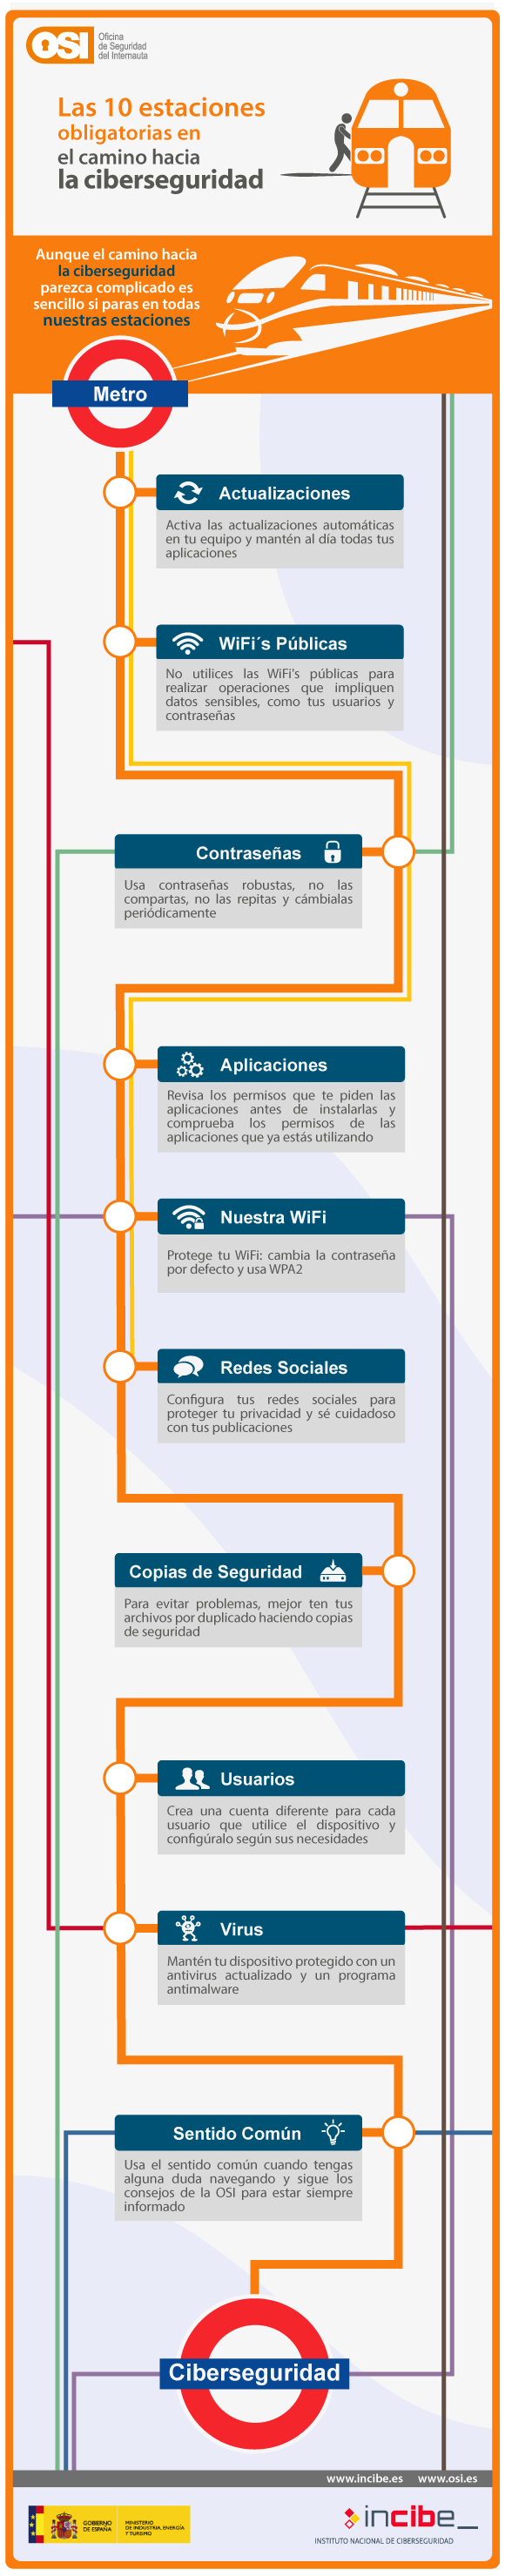 10 estaciones obligatorias en el camino hacia la ciberseguridad